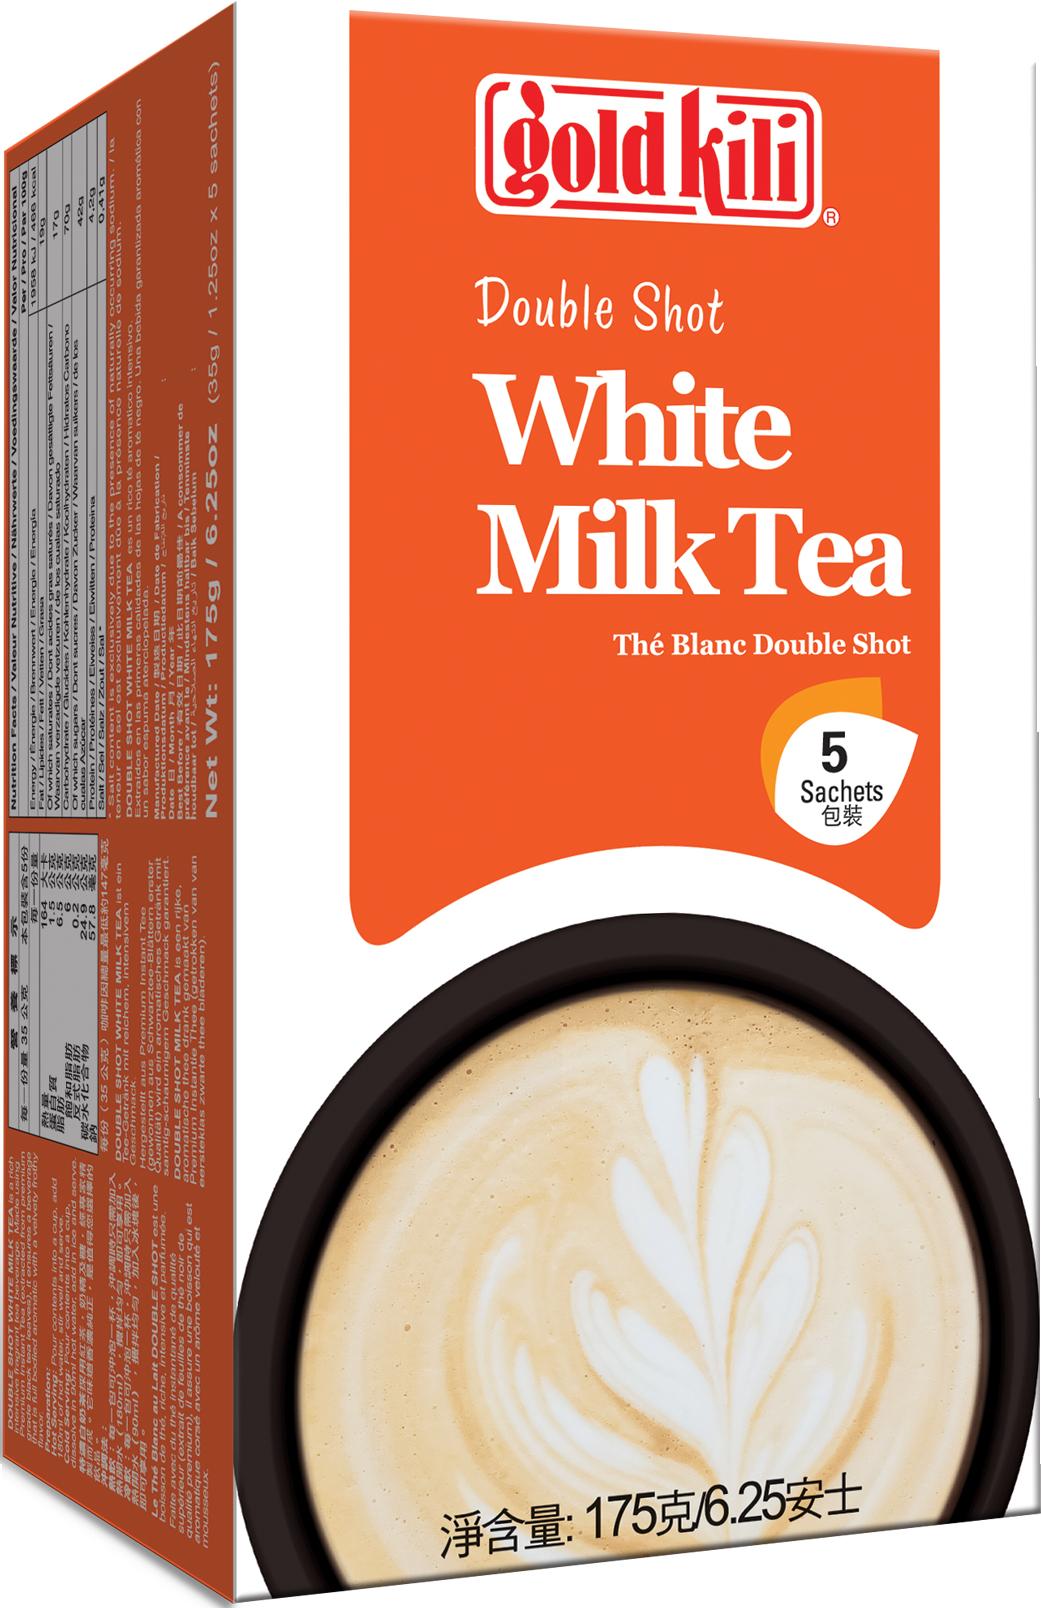 金麒麟特濃白奶茶-35公克*5包/盒